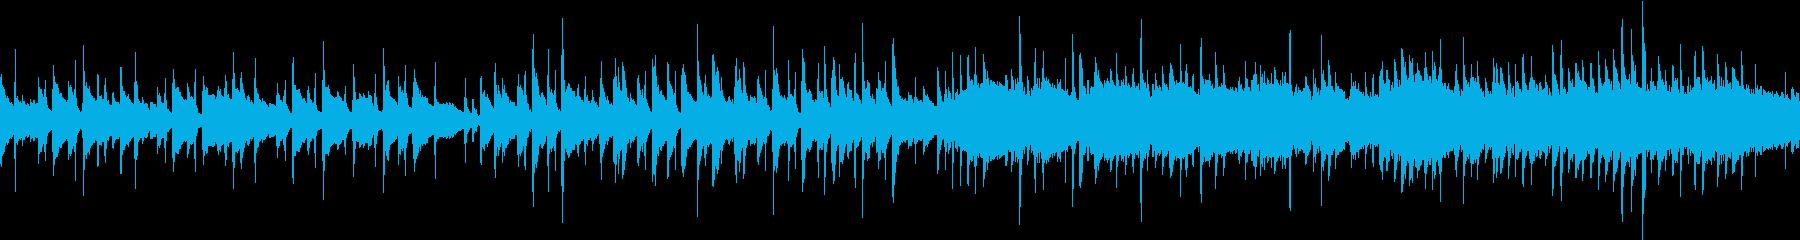 自然の雄大さと切なさを感じる生音フォークの再生済みの波形